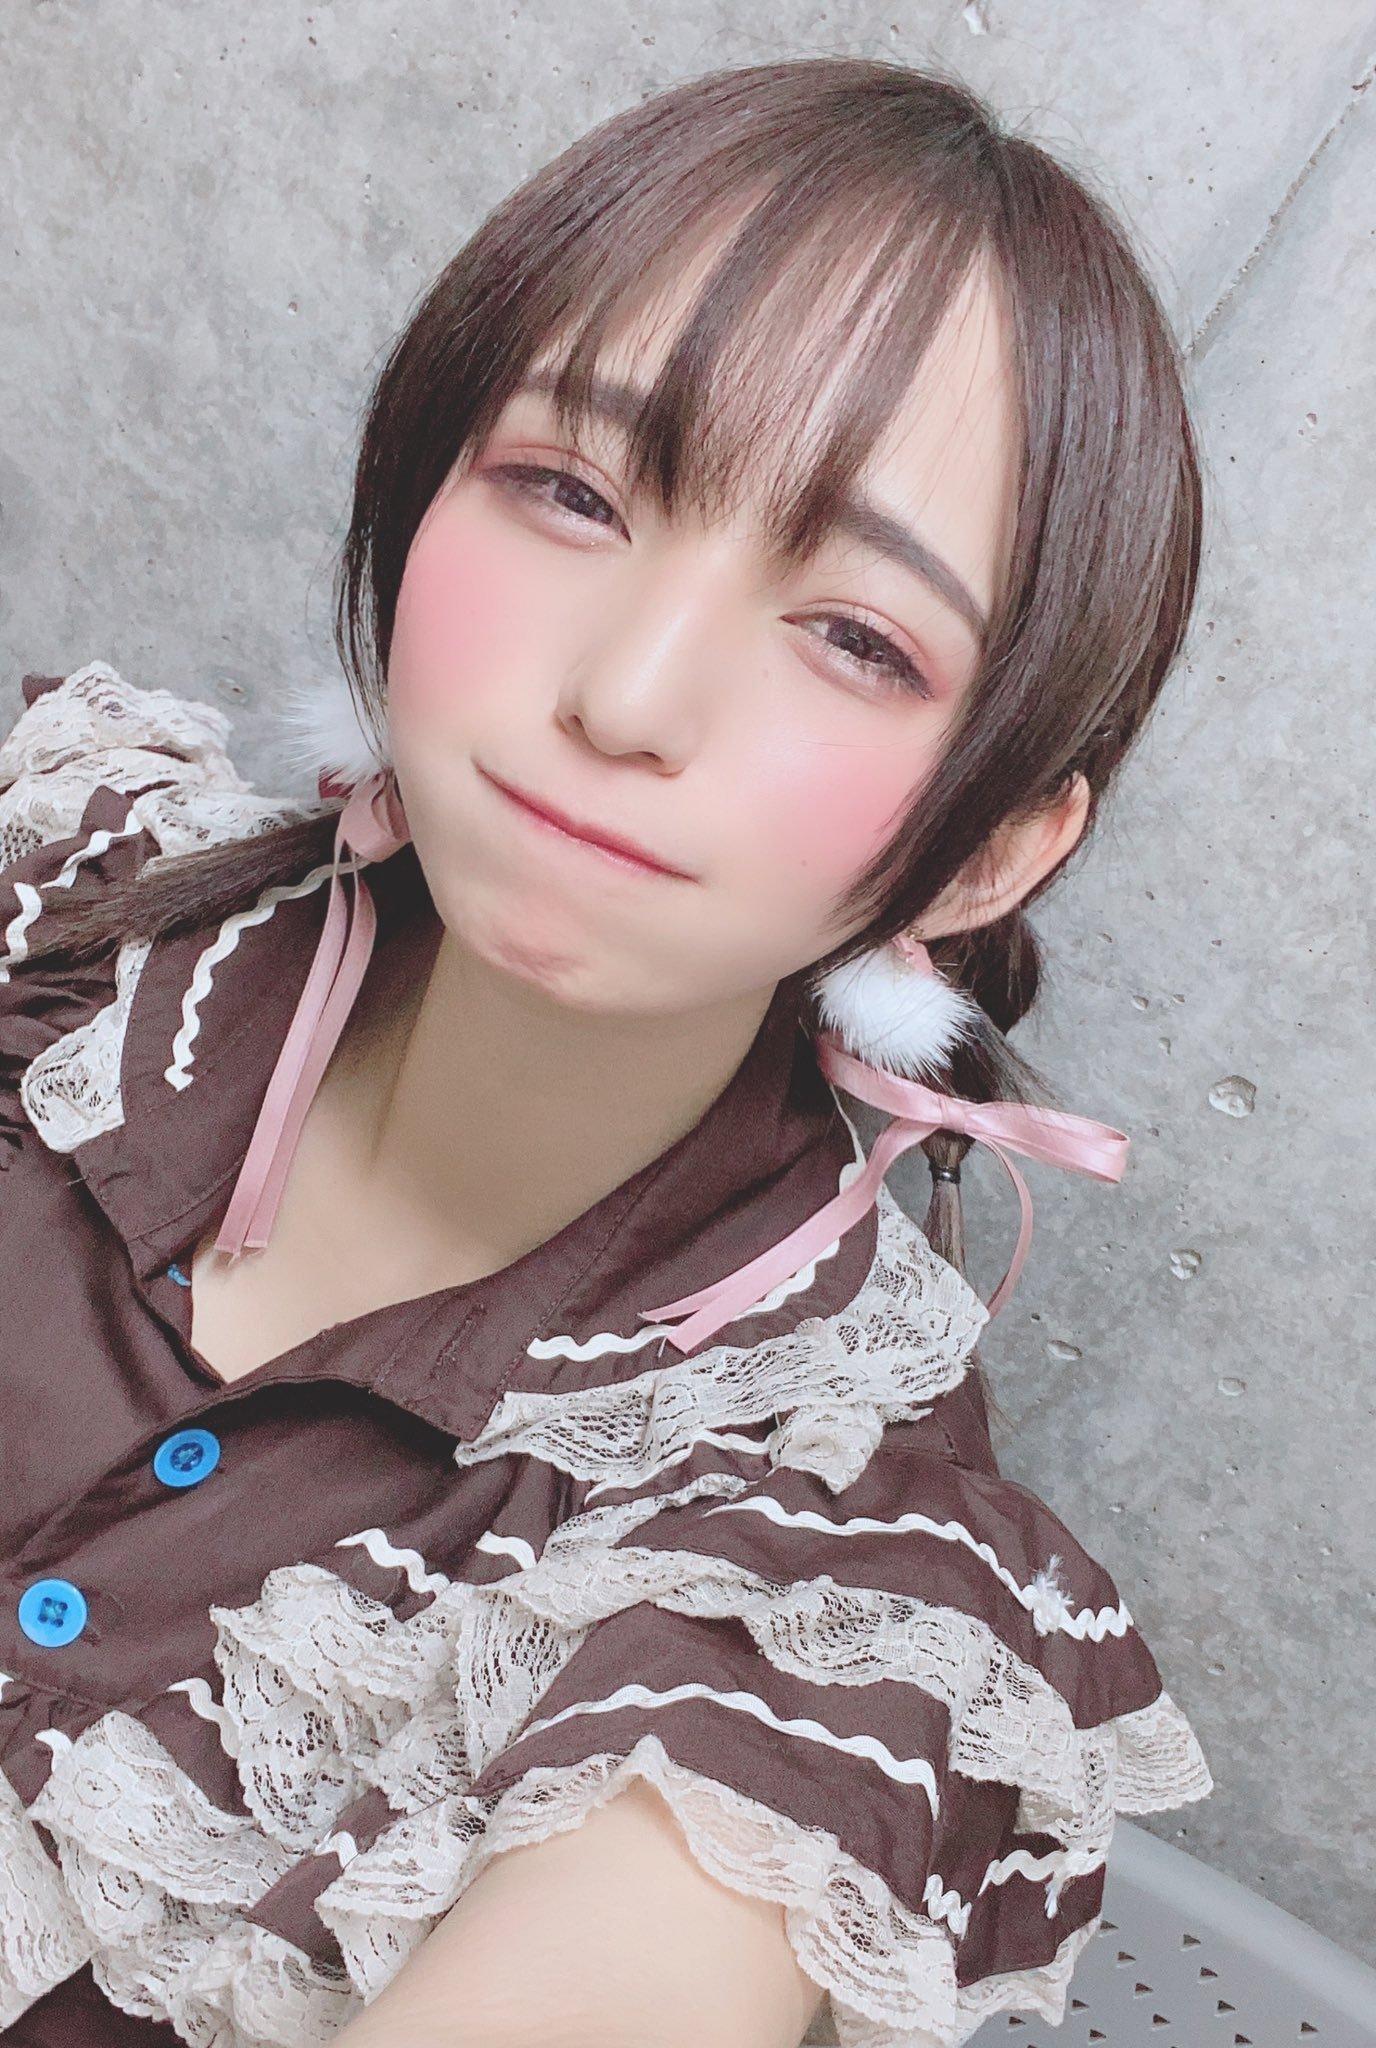 Miri_suki_No33 1259828224600637441_p1